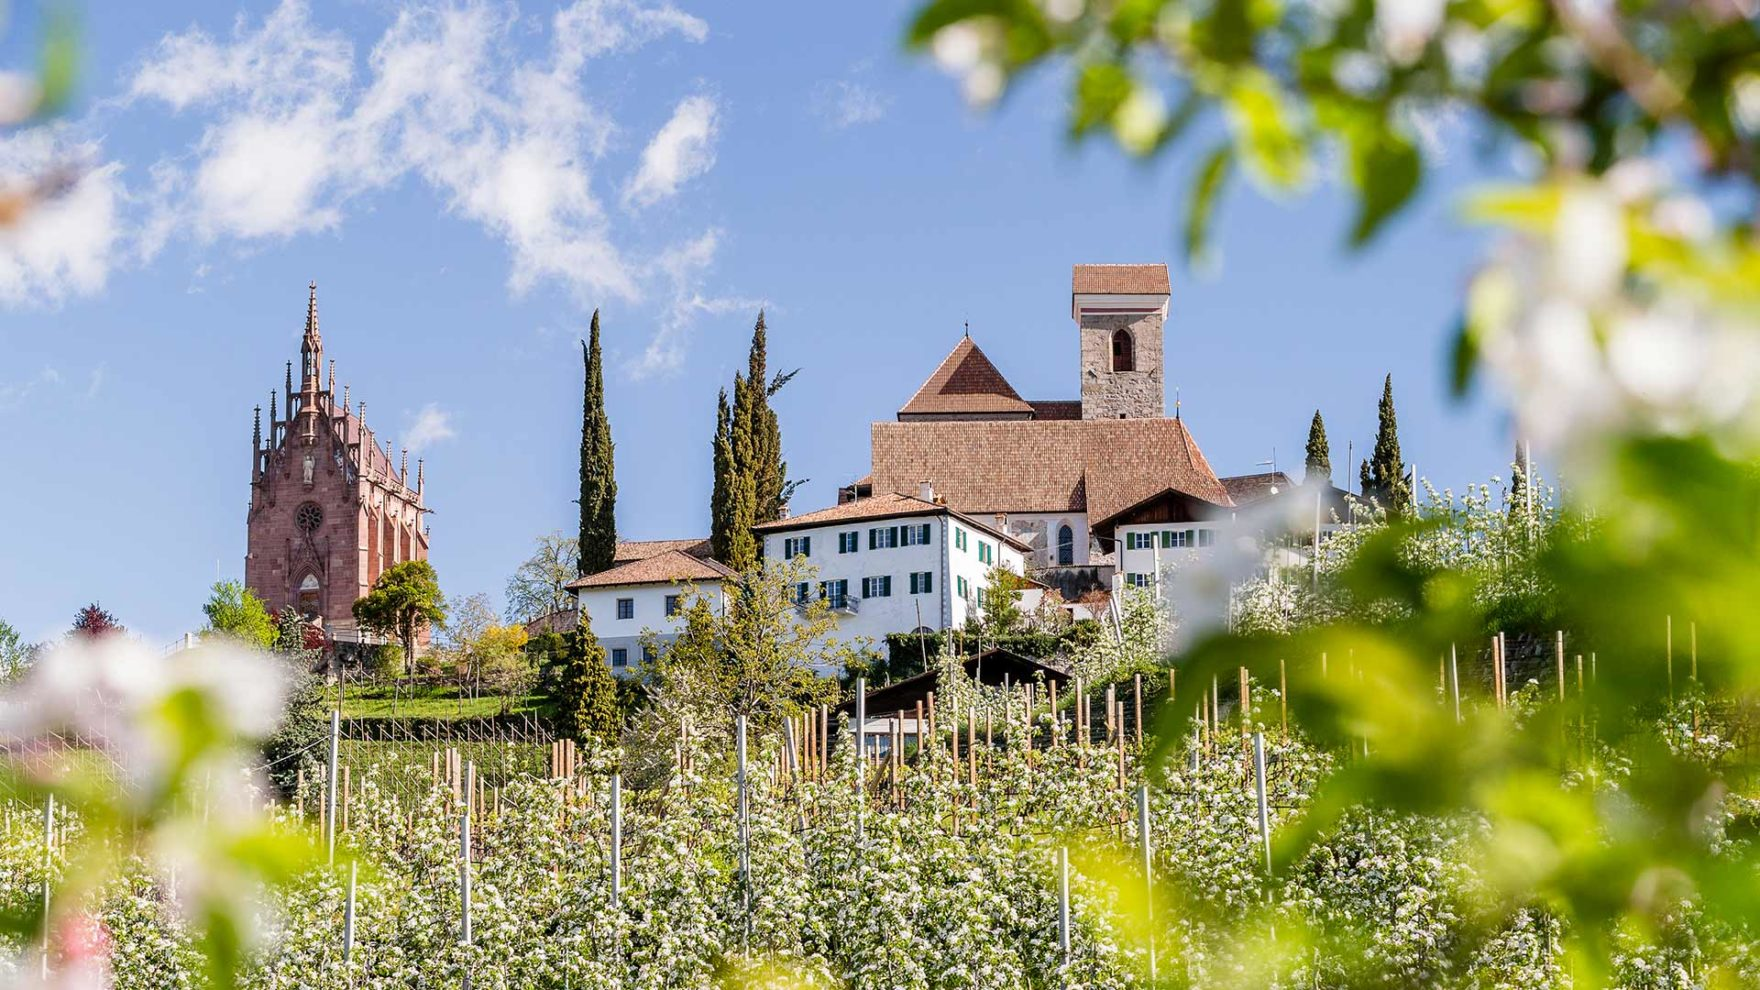 Pfarrkirche von Schenna